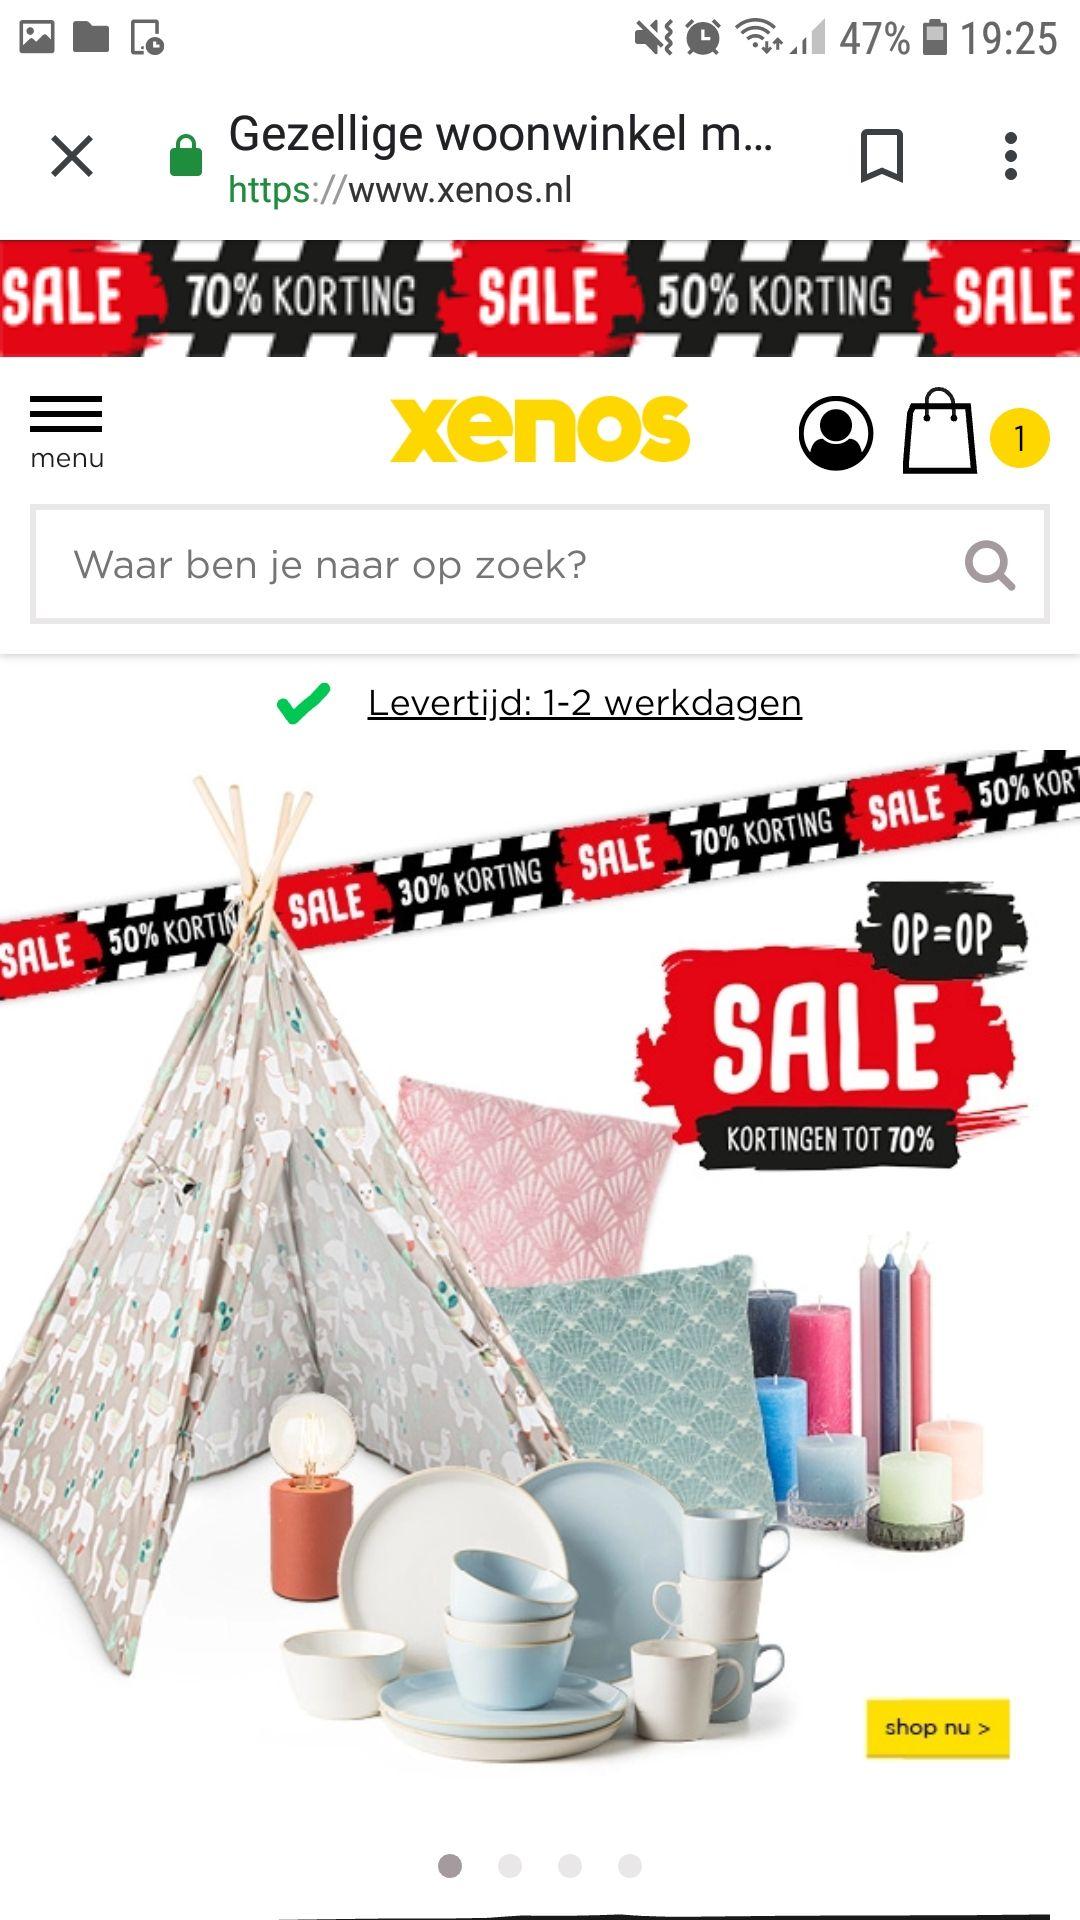 Sale bij Xenos 30%,50% en 70%